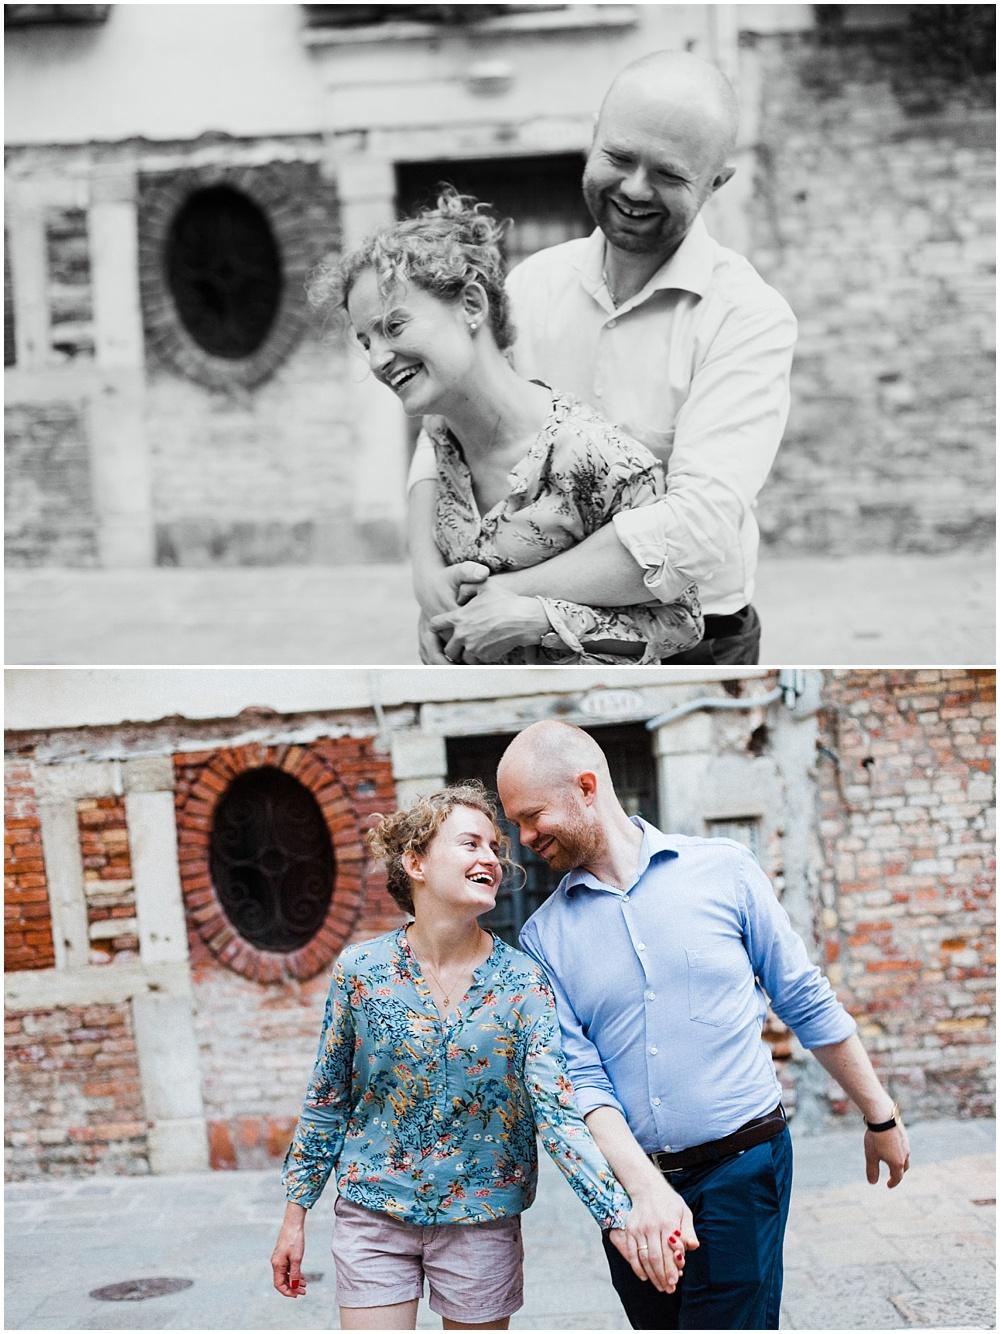 couple--wedding-photographer-venice-stefano-degirmenci_0015.jpg